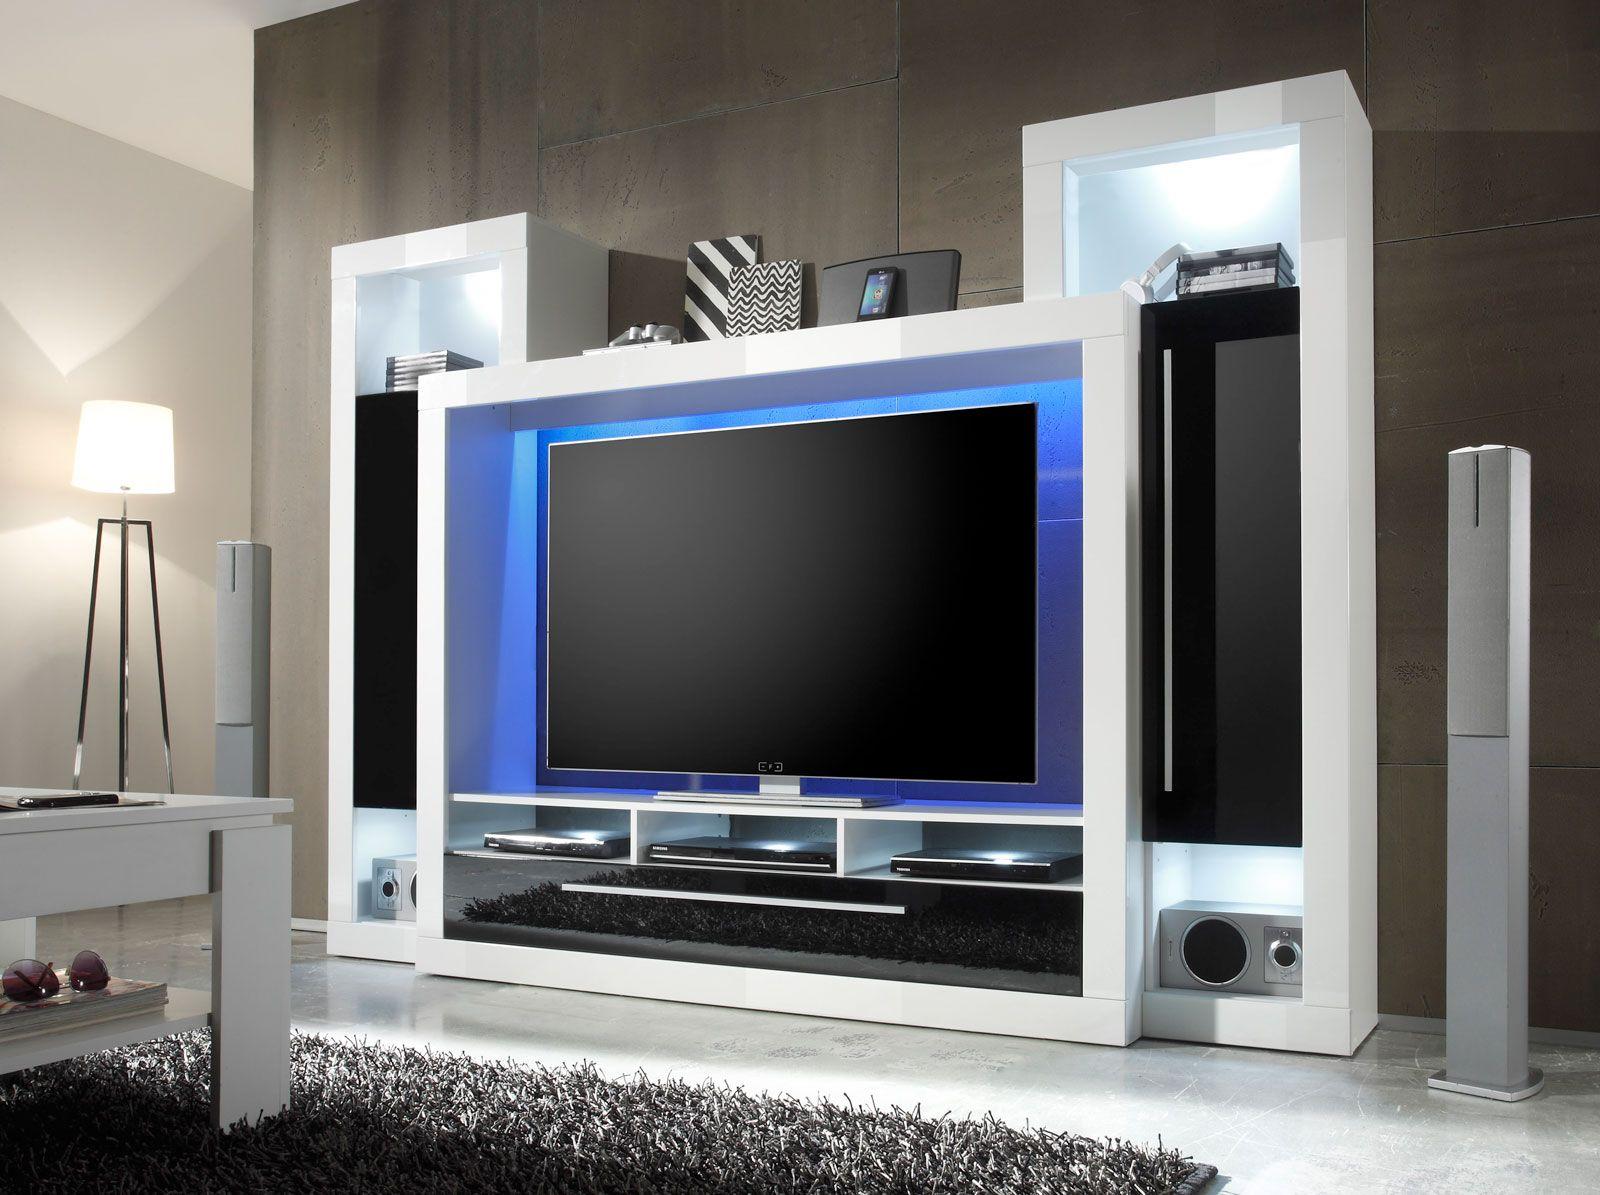 sam wohnwand wei schwarz medox mit beleuchtung praktische beim bel pinterest wohnwand. Black Bedroom Furniture Sets. Home Design Ideas